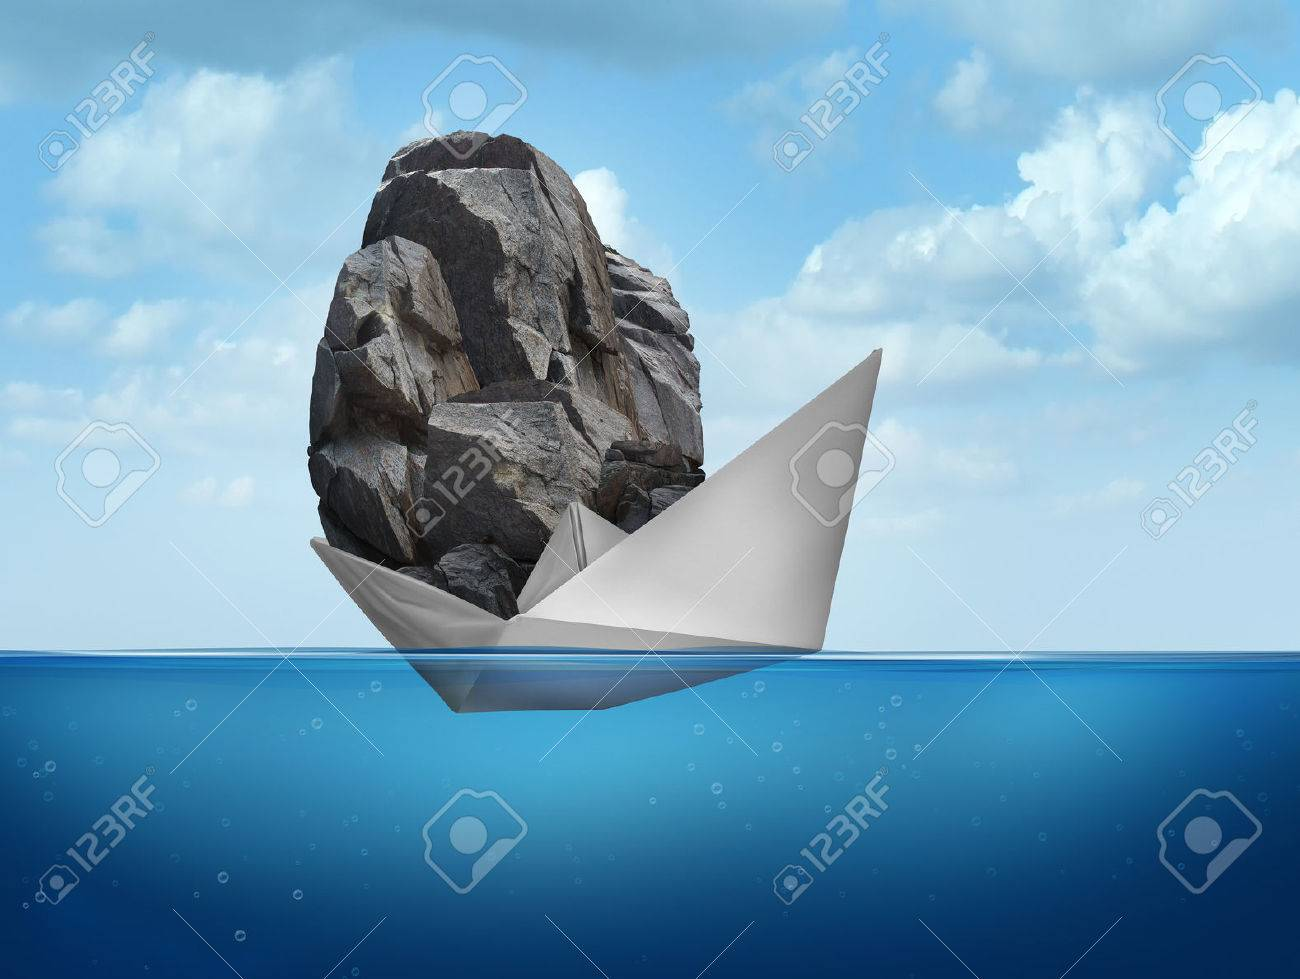 Imposible Concepto Como Un Barco De Papel Transportando Una Roca Rock Pesado Como Un Símbolo De Negocios Para Overachieving Y El Poder Del Potencial